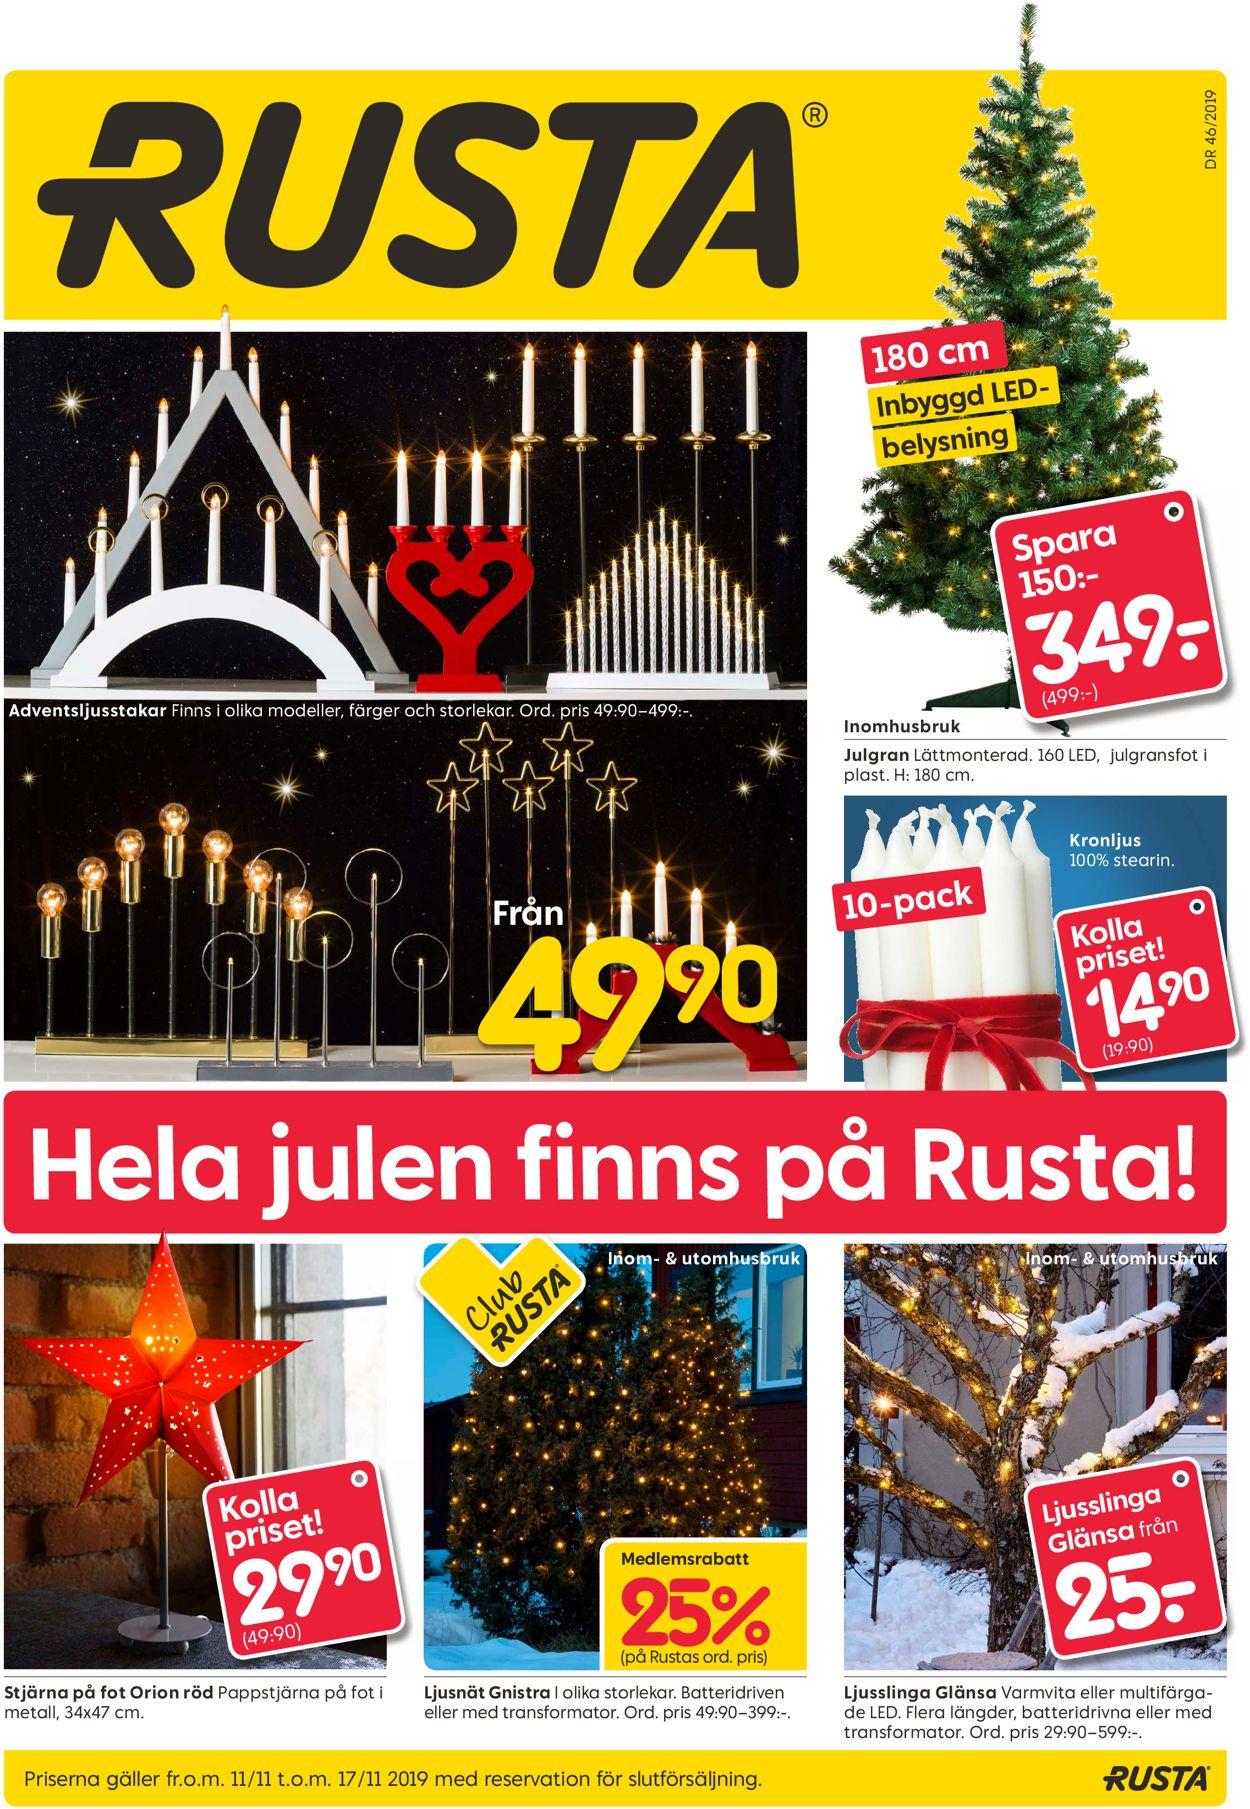 Rusta - Reklamblad - 11/11-17/11-2019